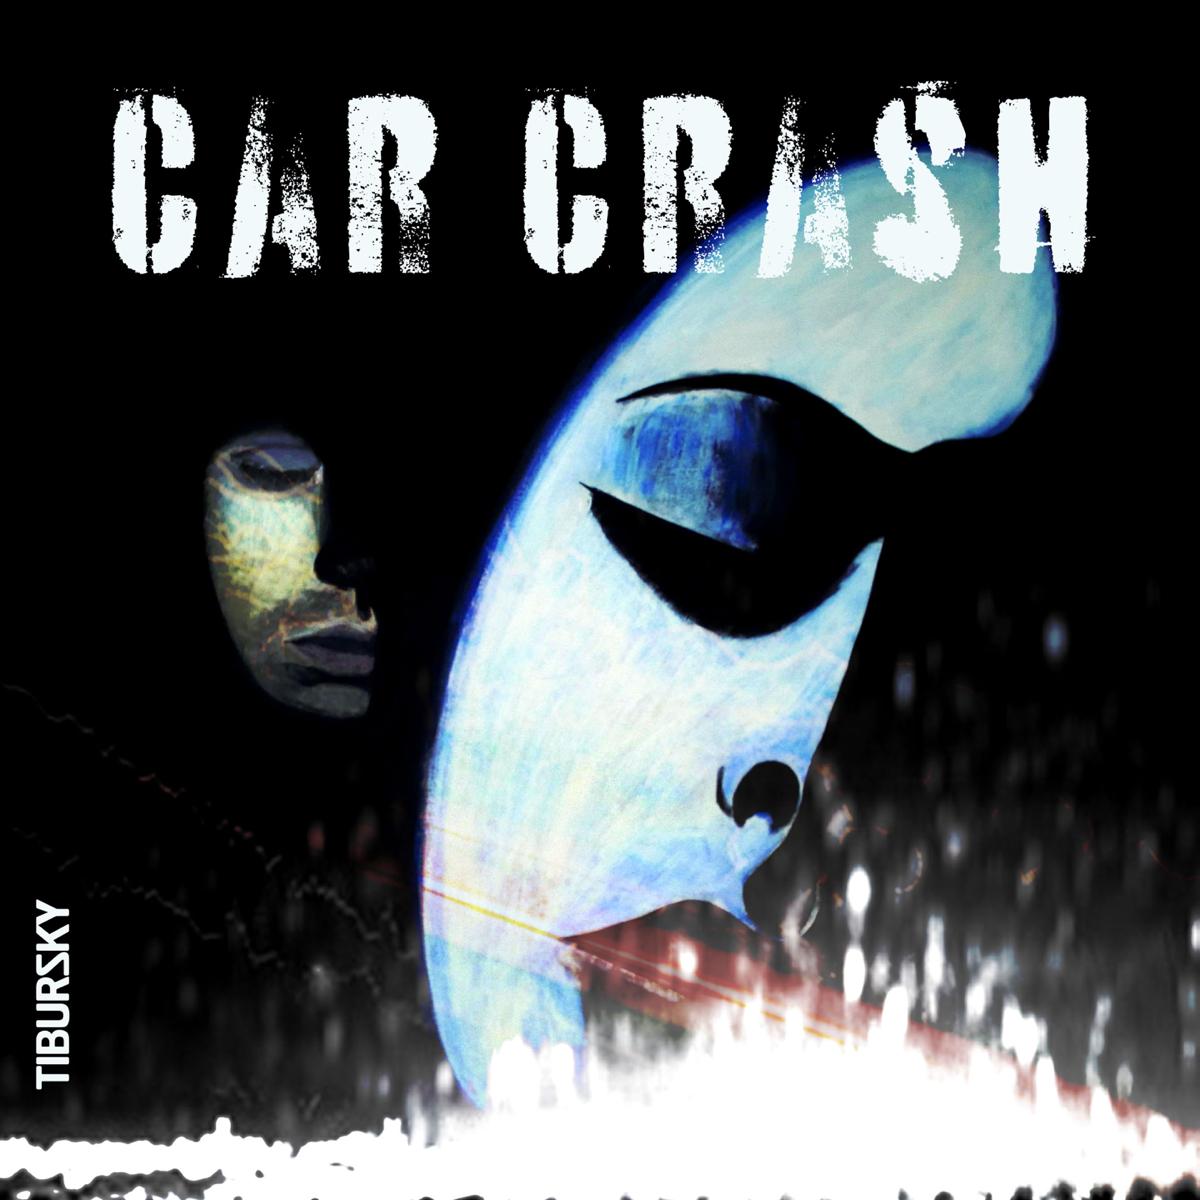 Tibursky <br> CAR CRASH